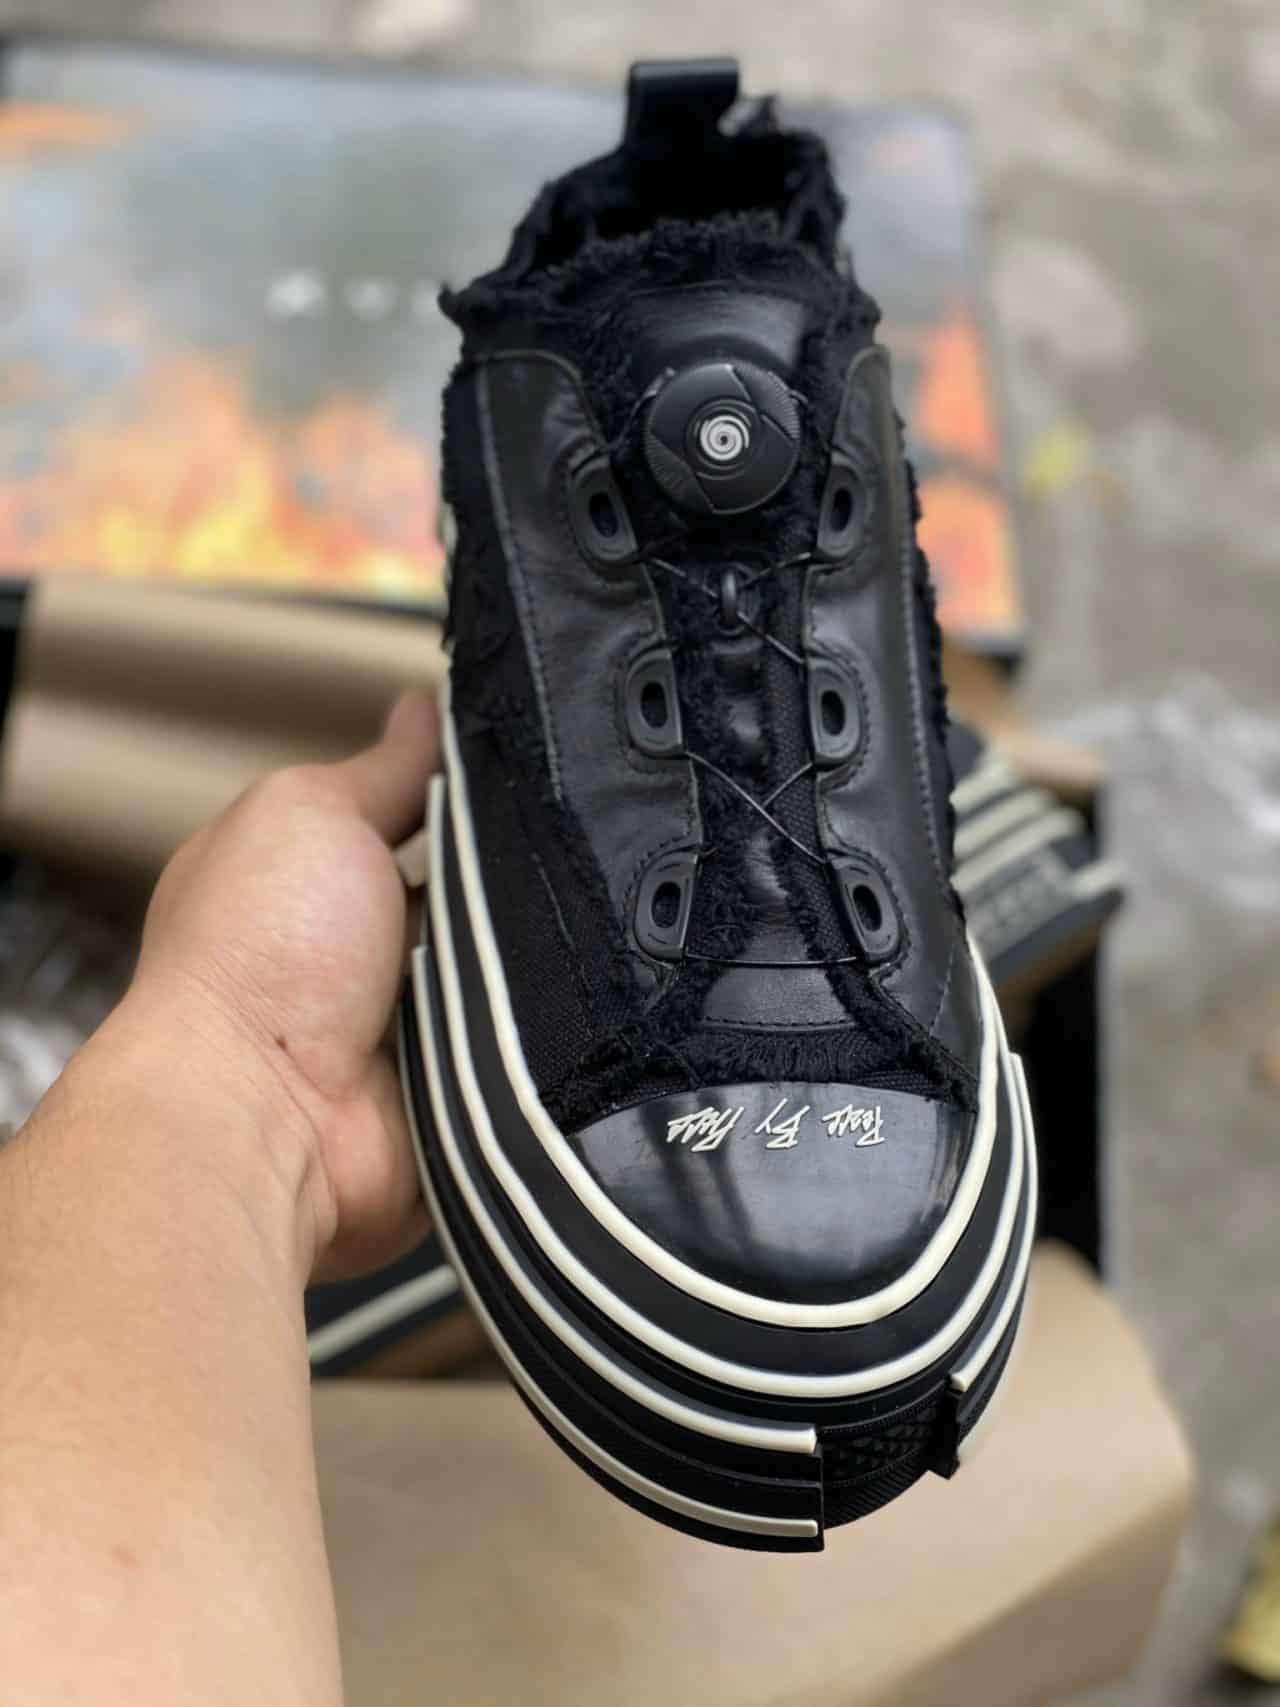 Kiểu dáng xếp chồng giúp giày Xvessel khác biệt, đẳng cấp